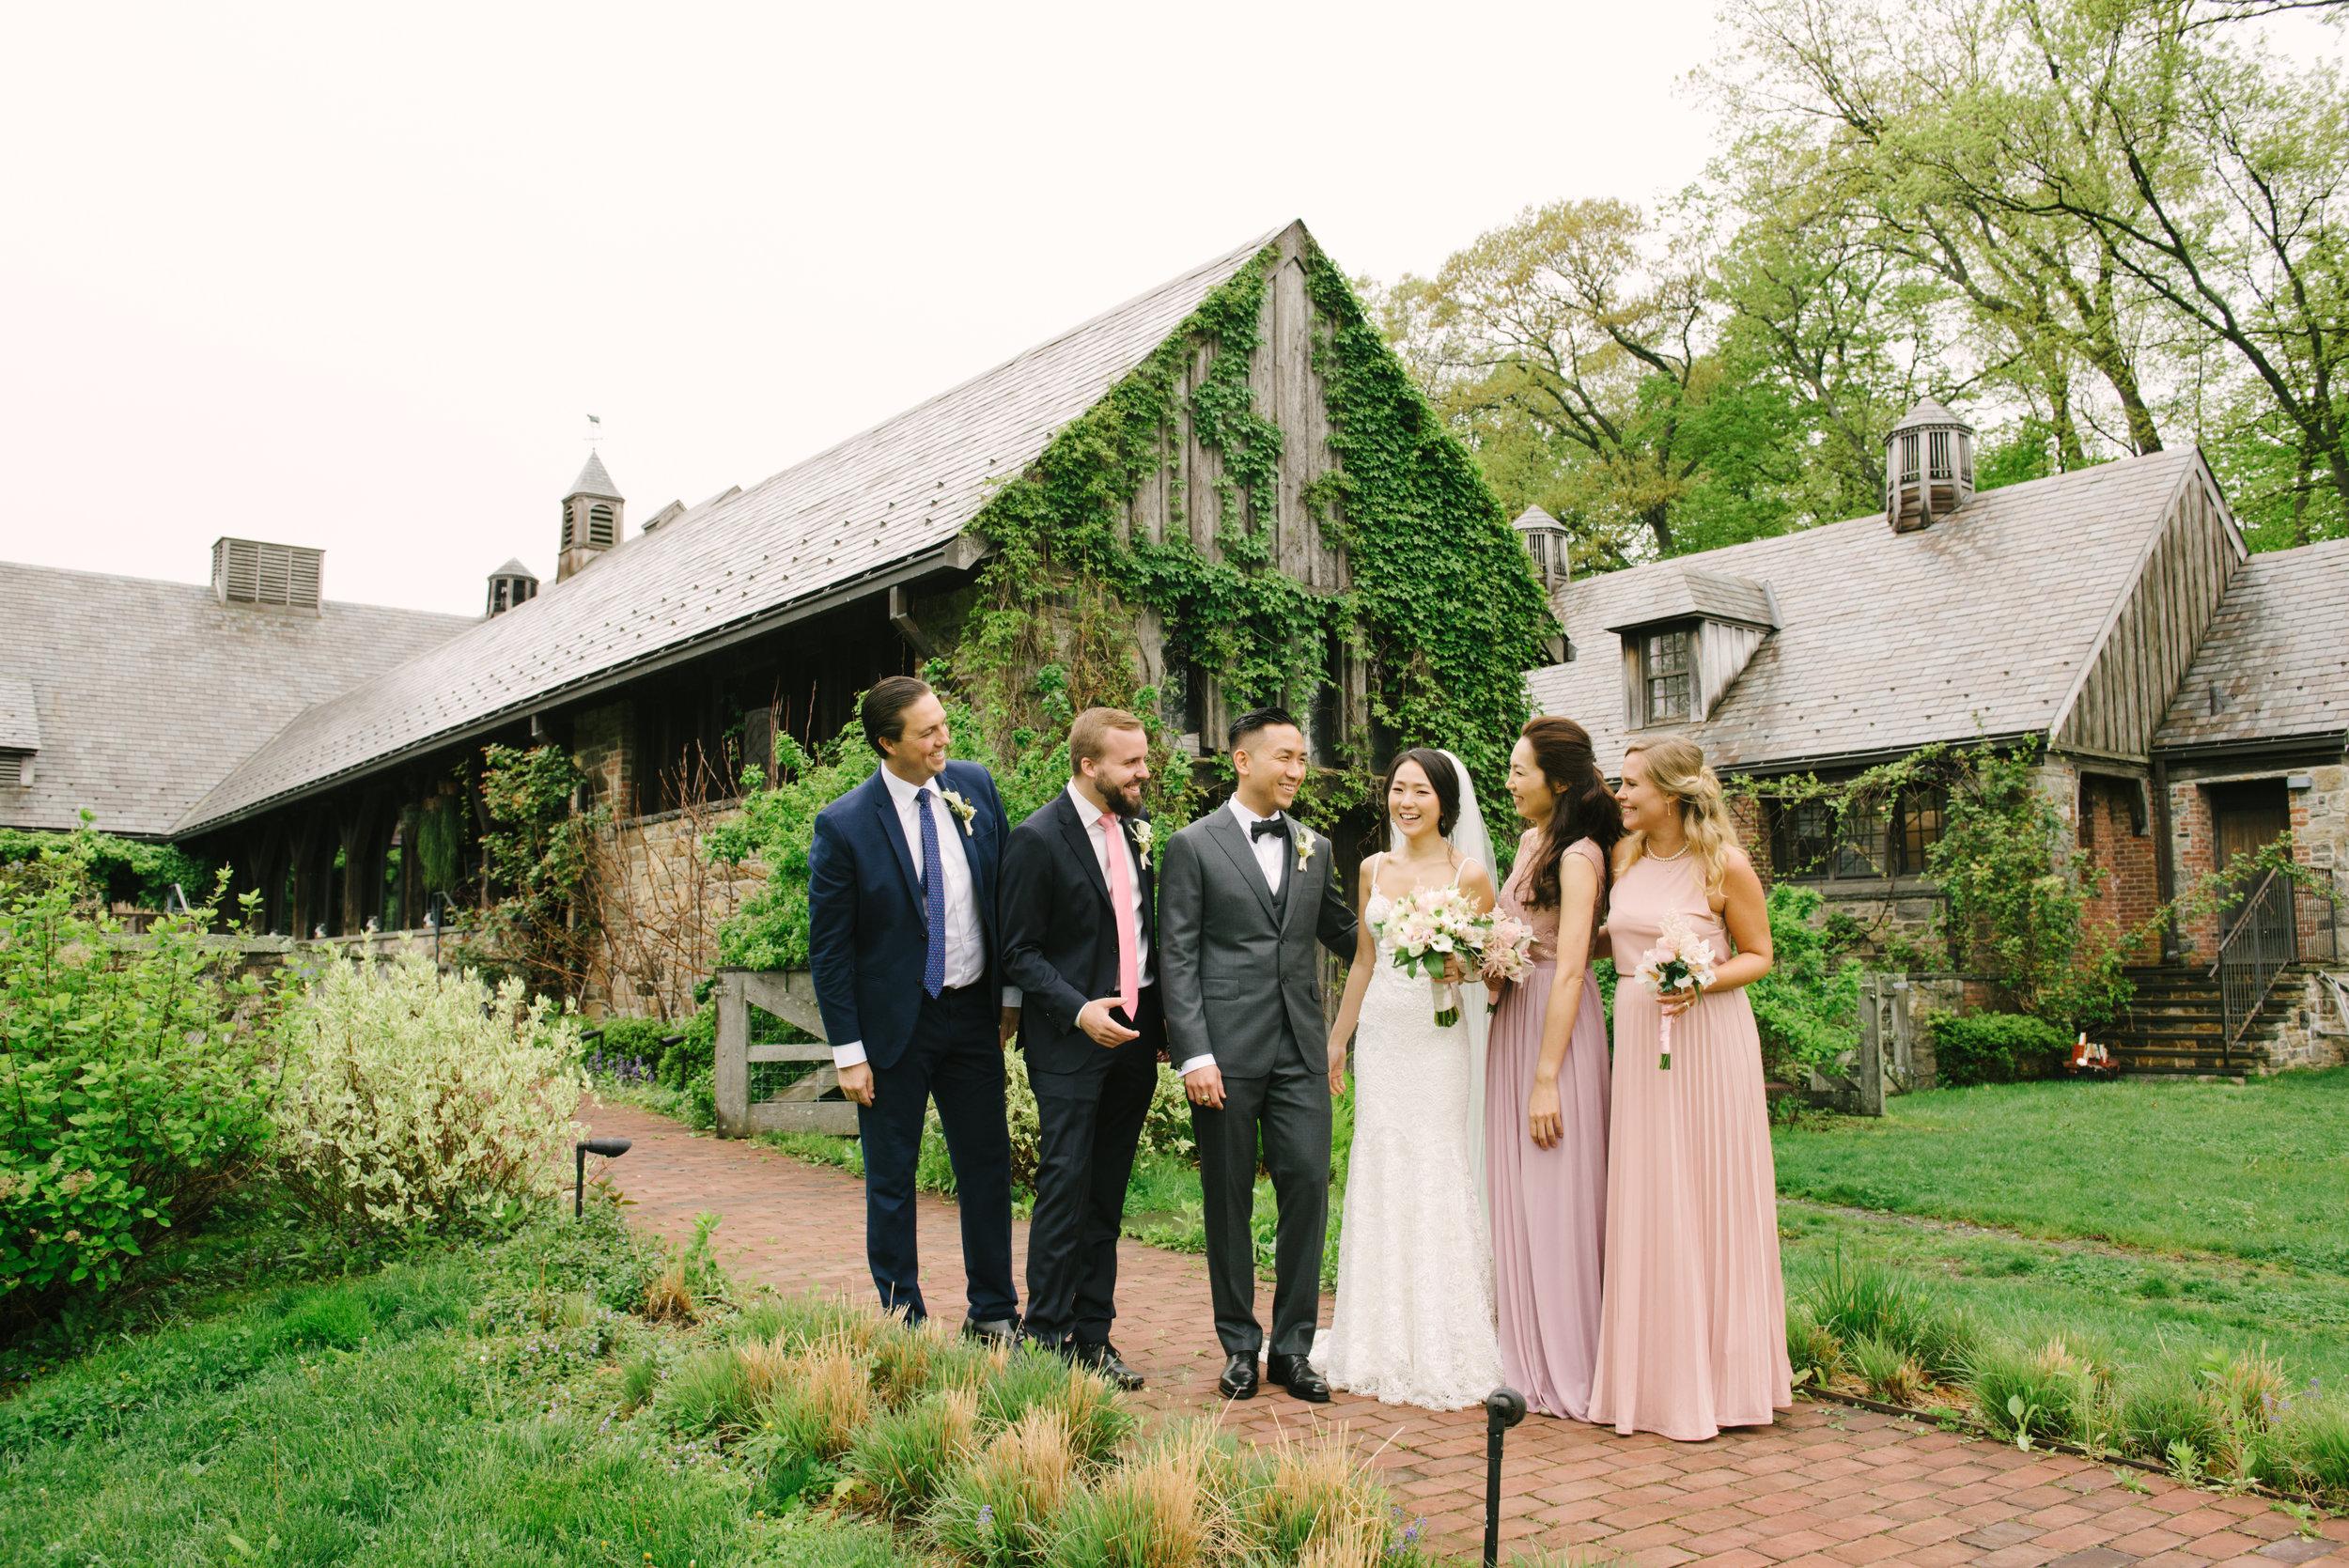 blue-hill-stone-barns-wedding-023.jpg